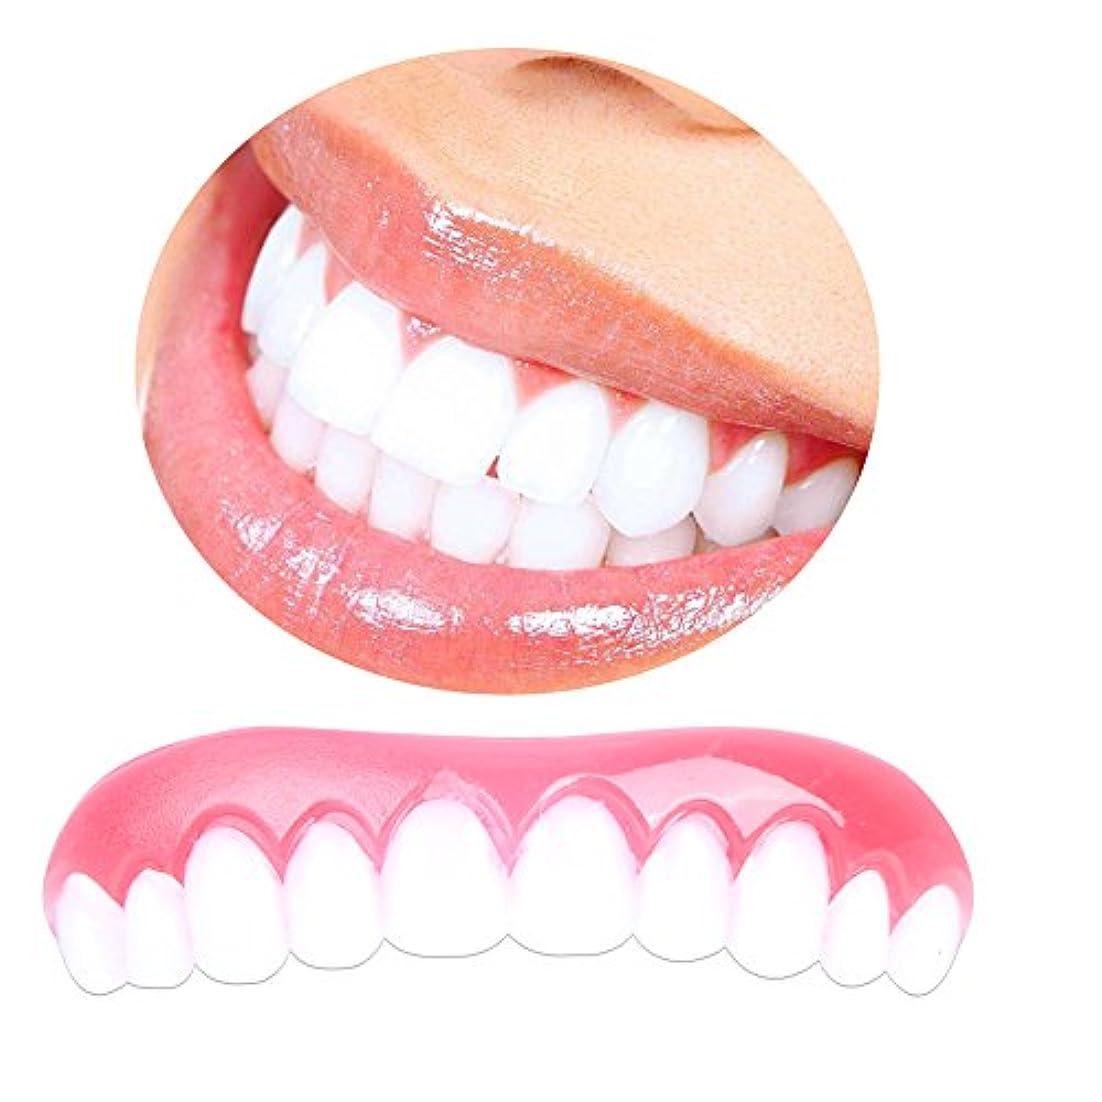 熱心リビングルームとにかく2ピースコンフォートフィットフレックス化粧品の歯完璧な笑顔のベニヤダブの歯の修正のための歯の修正のための完璧な笑顔のベニヤの歯のホワイトニング